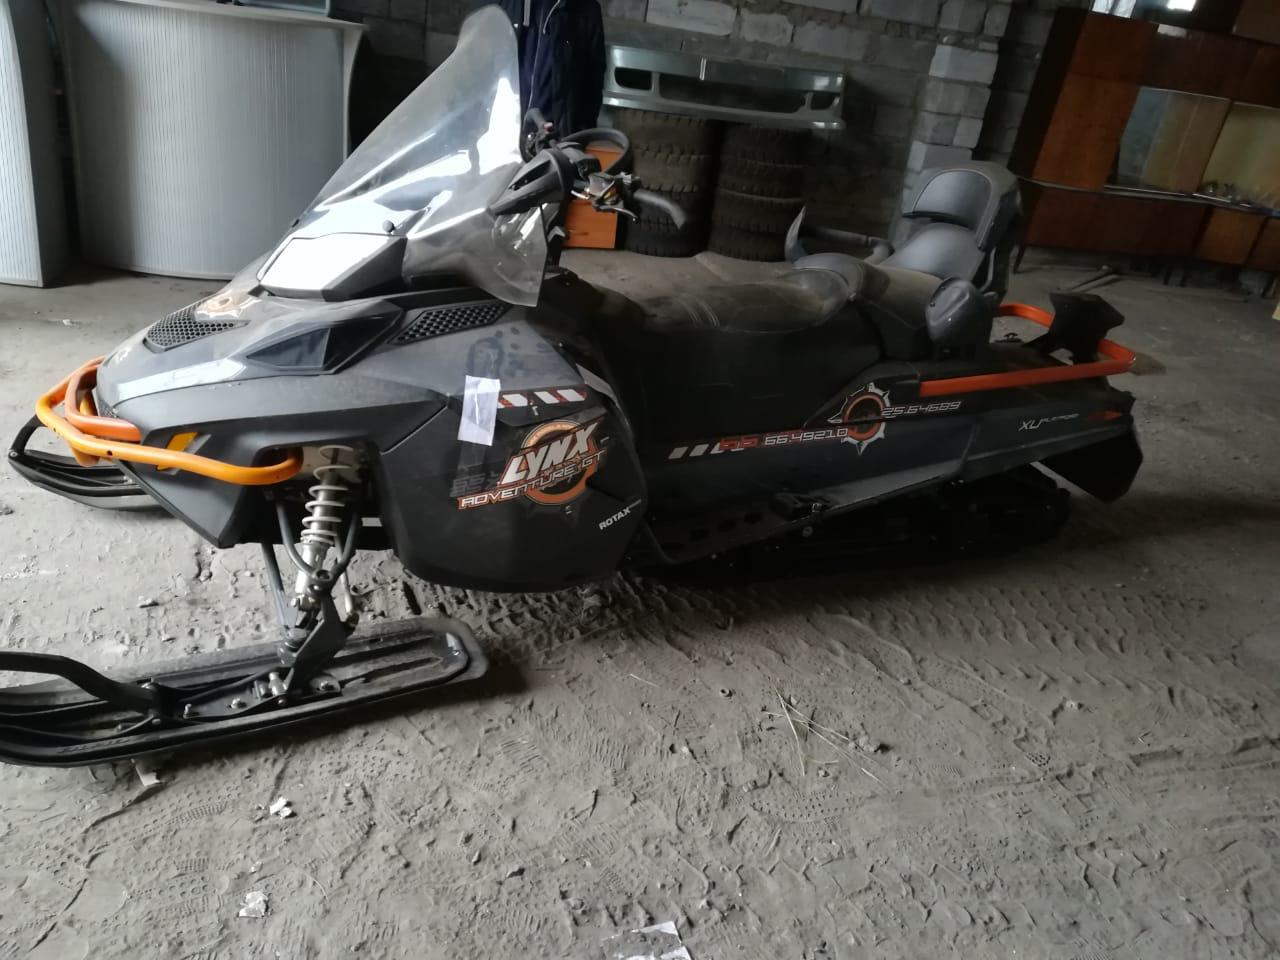 Житель Омской области въехал на снегоходе в заправку #Новости #Общество #Омск